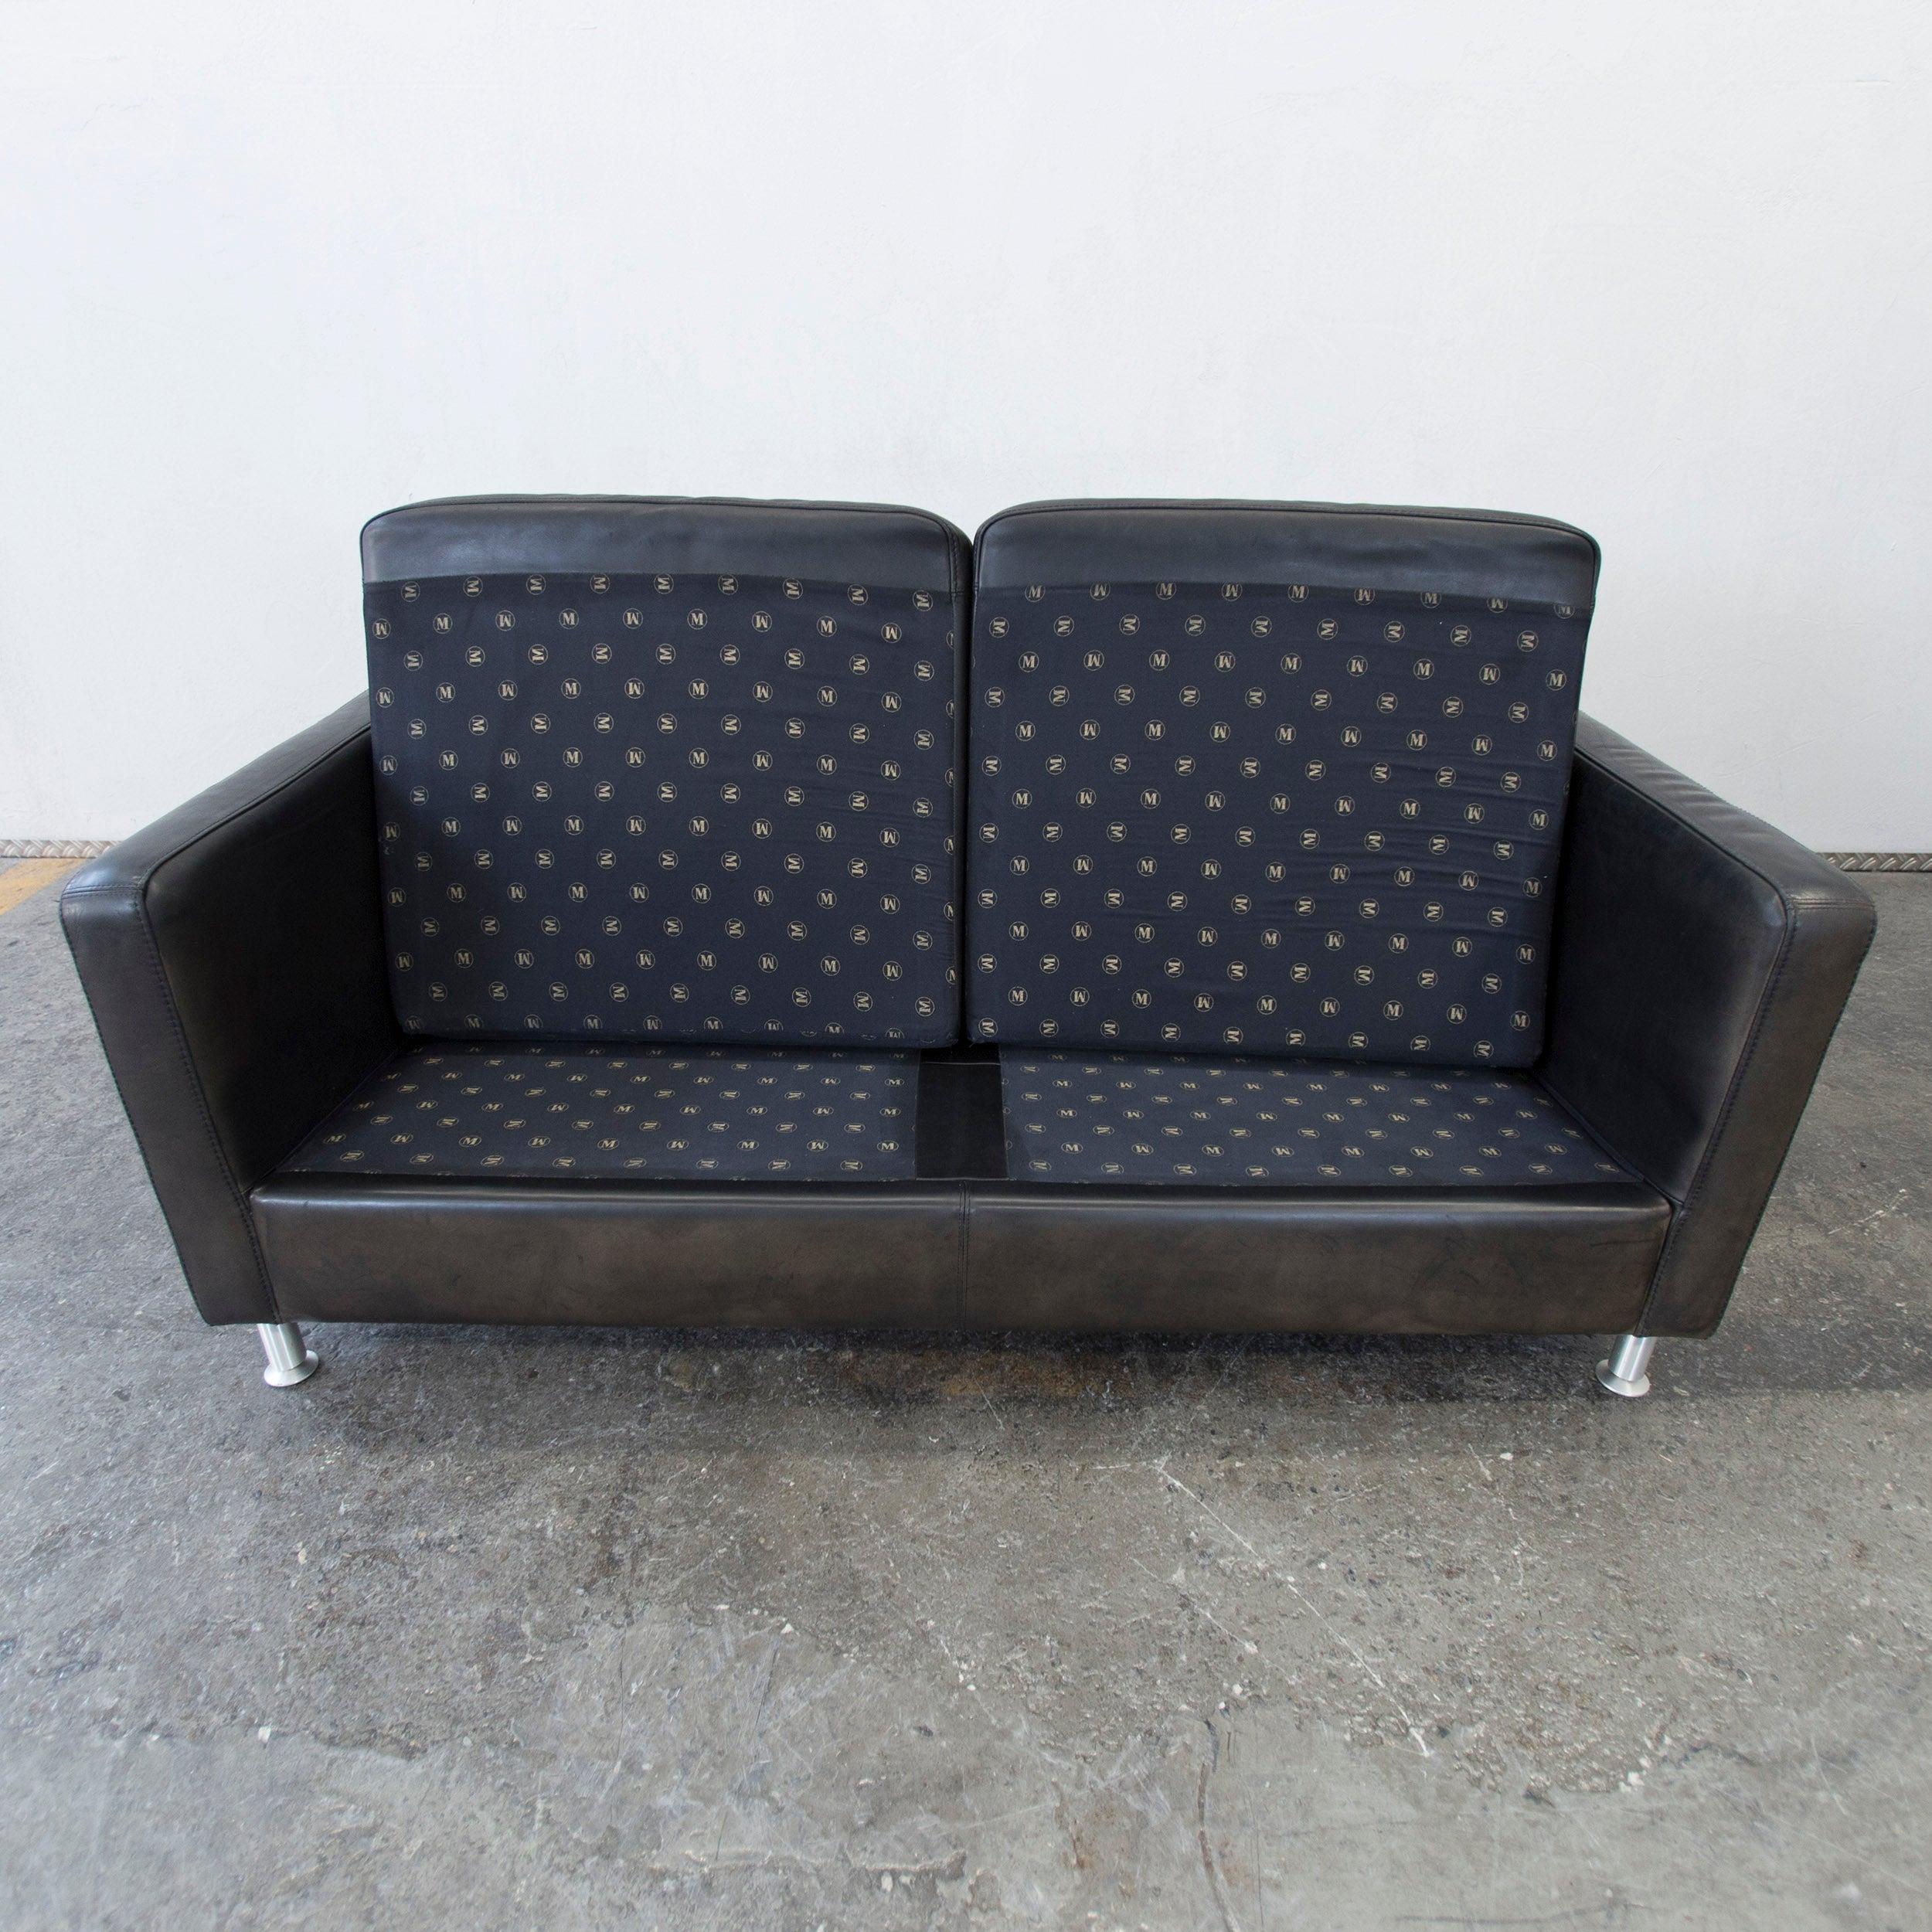 sofa braun elegant wohnzimmer einrichten graues sofa. Black Bedroom Furniture Sets. Home Design Ideas